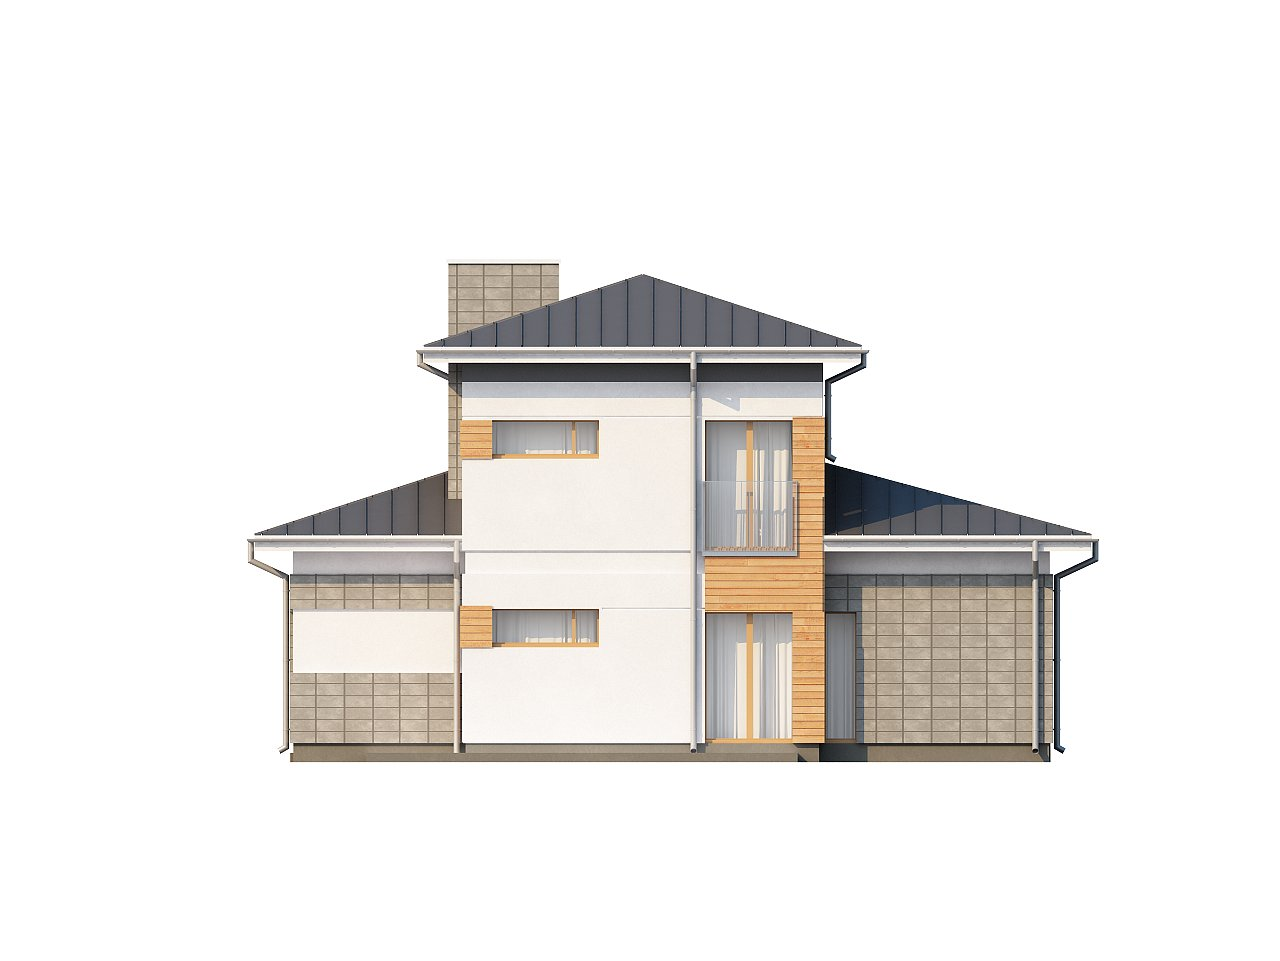 Проект удобного двухэтажного дома в стиле модерн с боковым гаражом. - фото 5